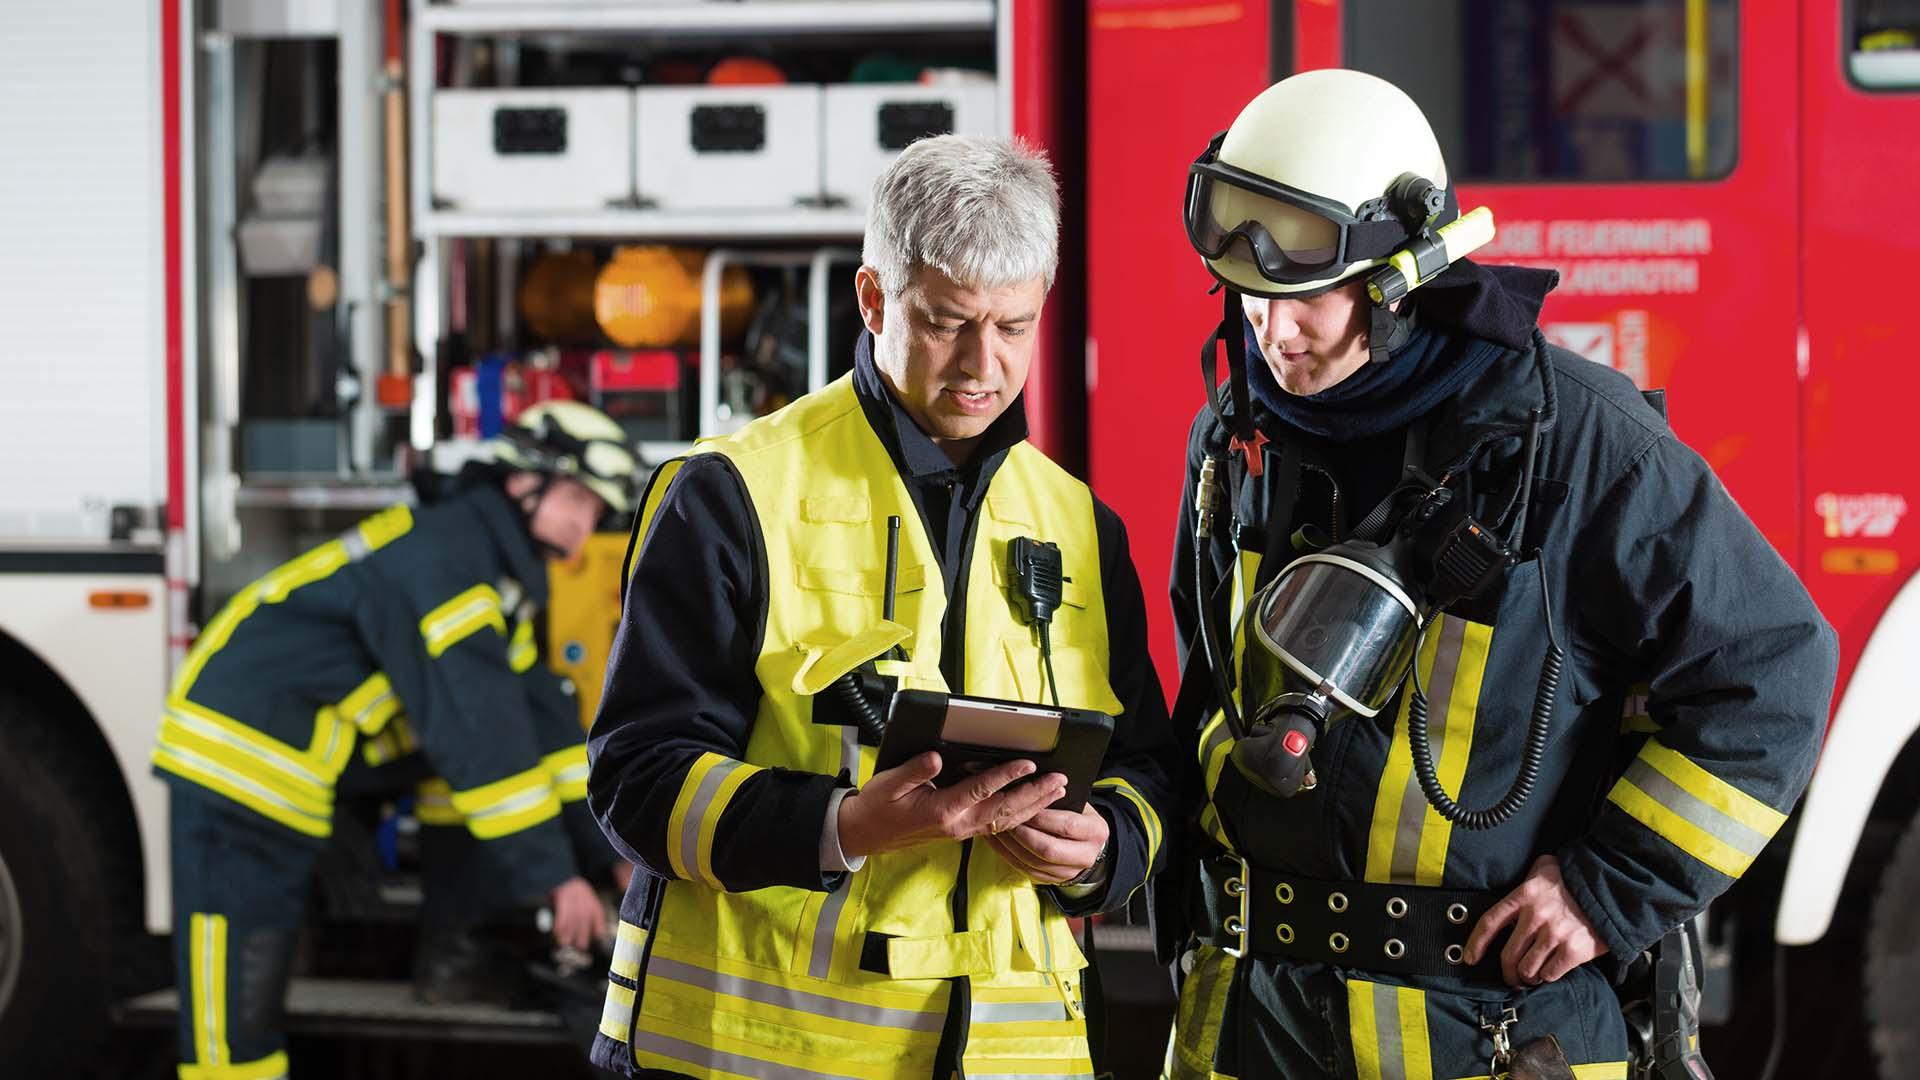 progettazione impianti antincendio personale antincendio per gestione degli impianti antincendio phos sicurezza sgsa